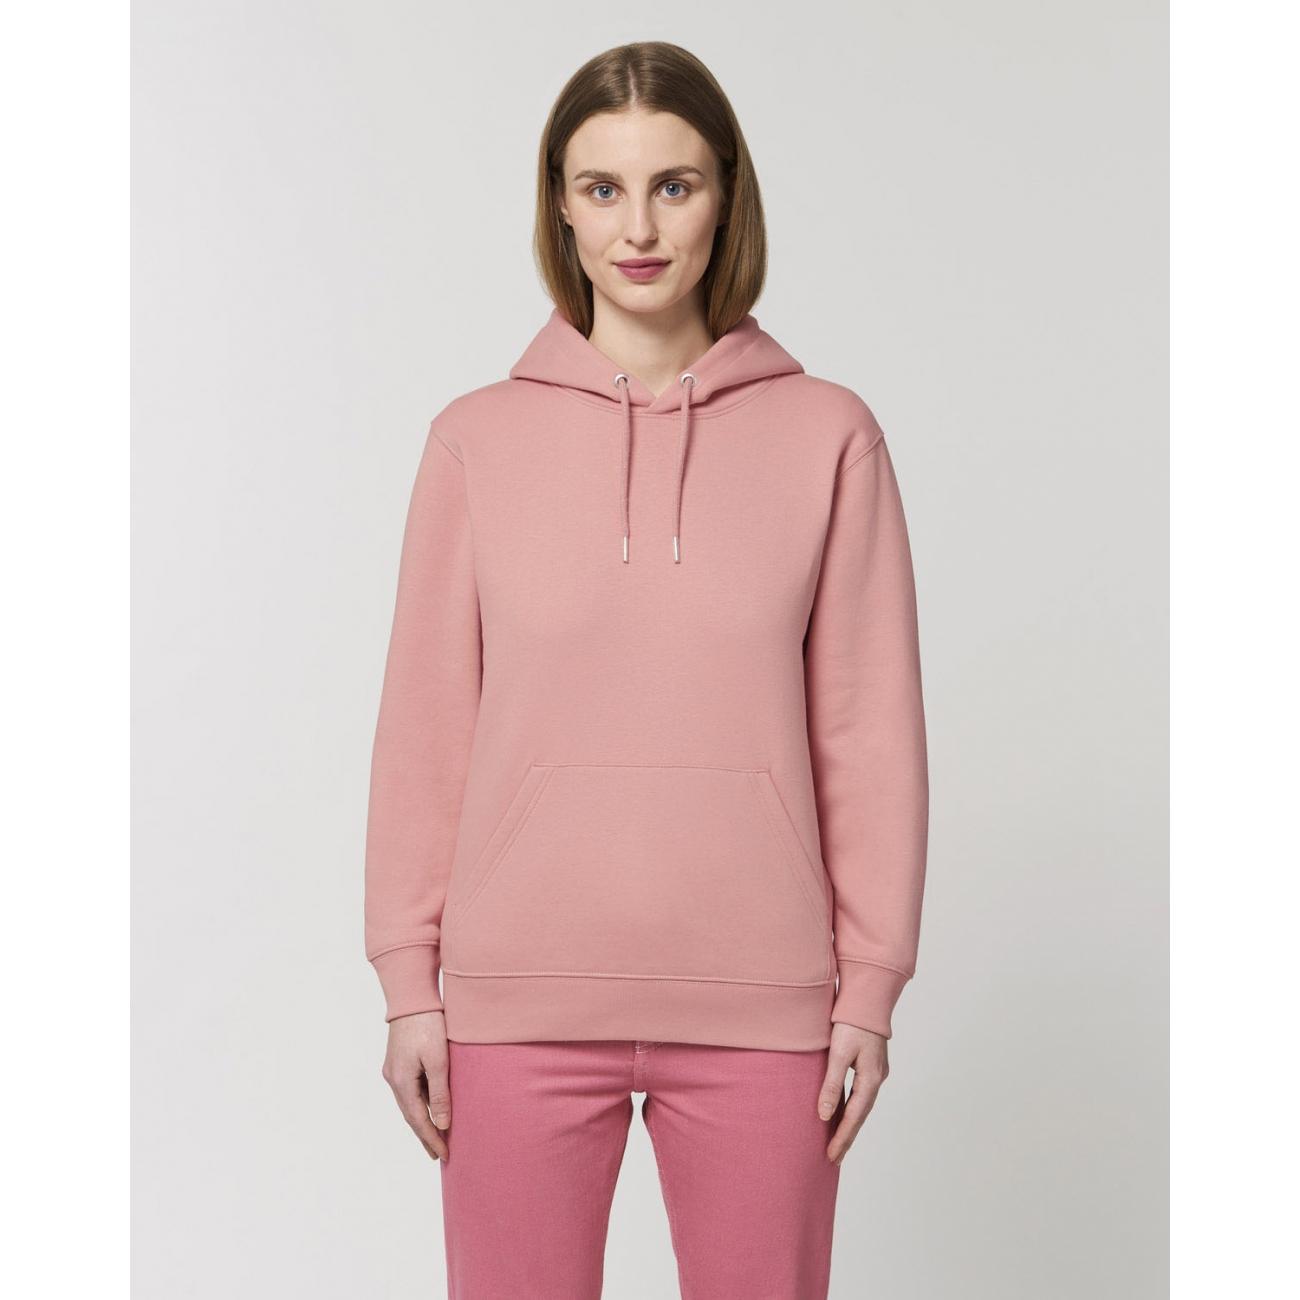 https://tee-shirt-bio.com/9134-thickbox_default/sweat-shirt-femme-capuche-epais-et-interieur-doux-coton-bio-vieux-rose-canyon.jpg